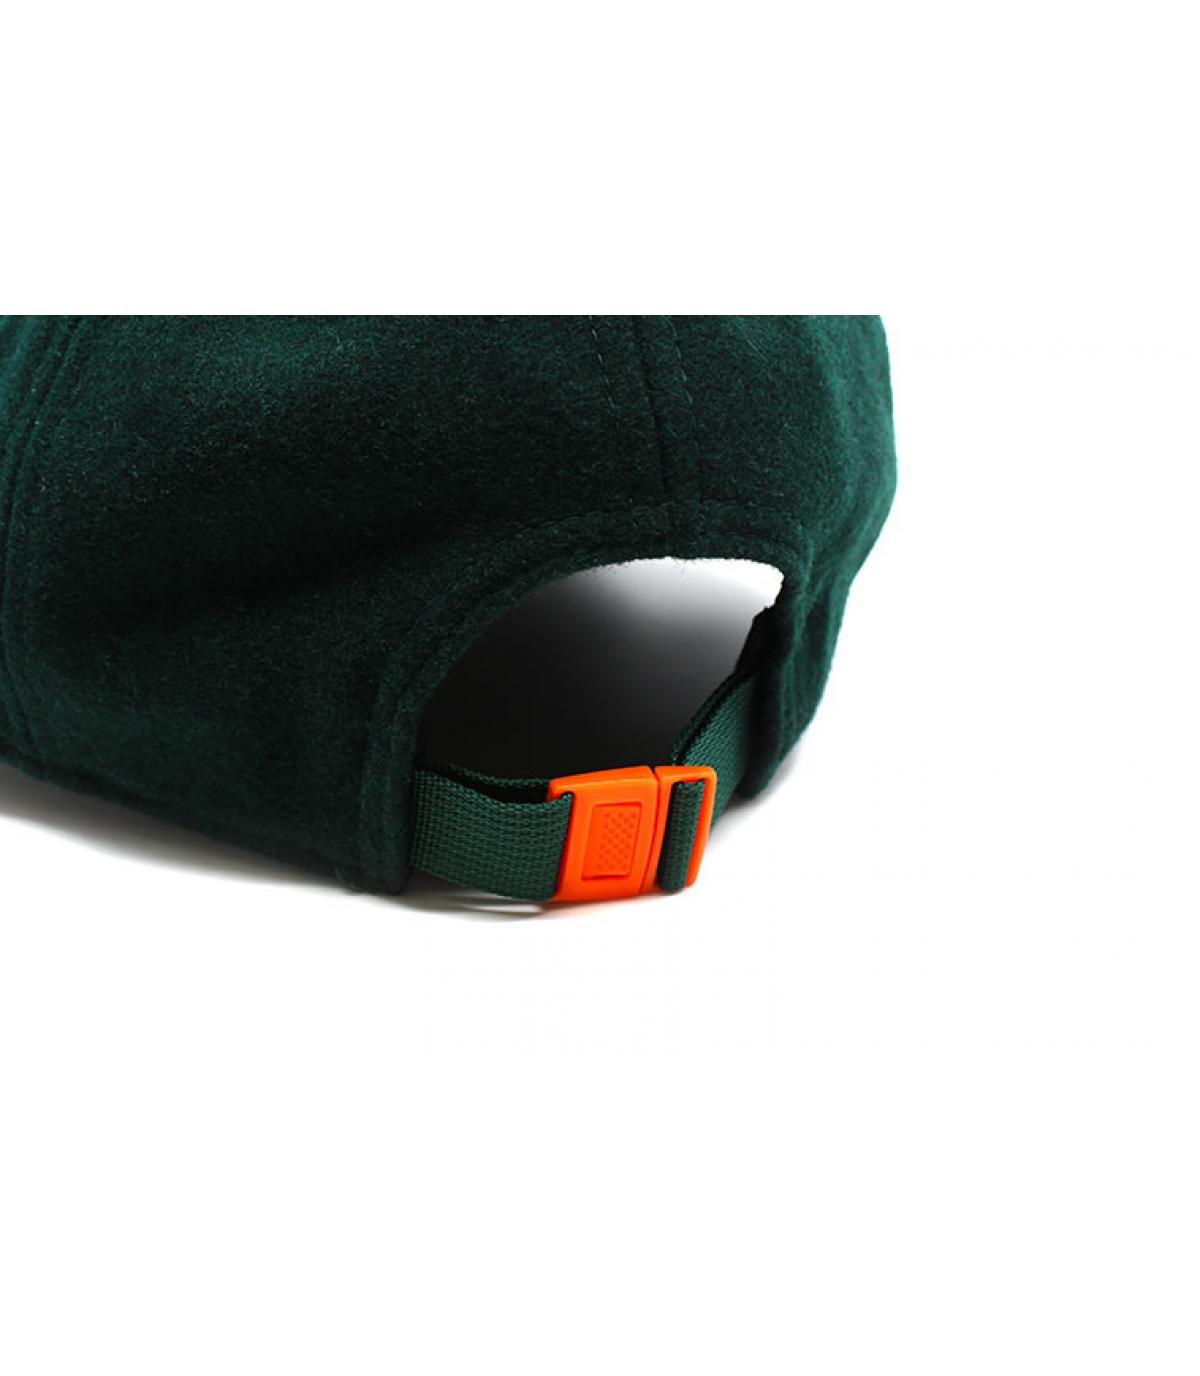 Détails Casquette Winter Utility Detroit Melton 9Forty dark green orange - image 5